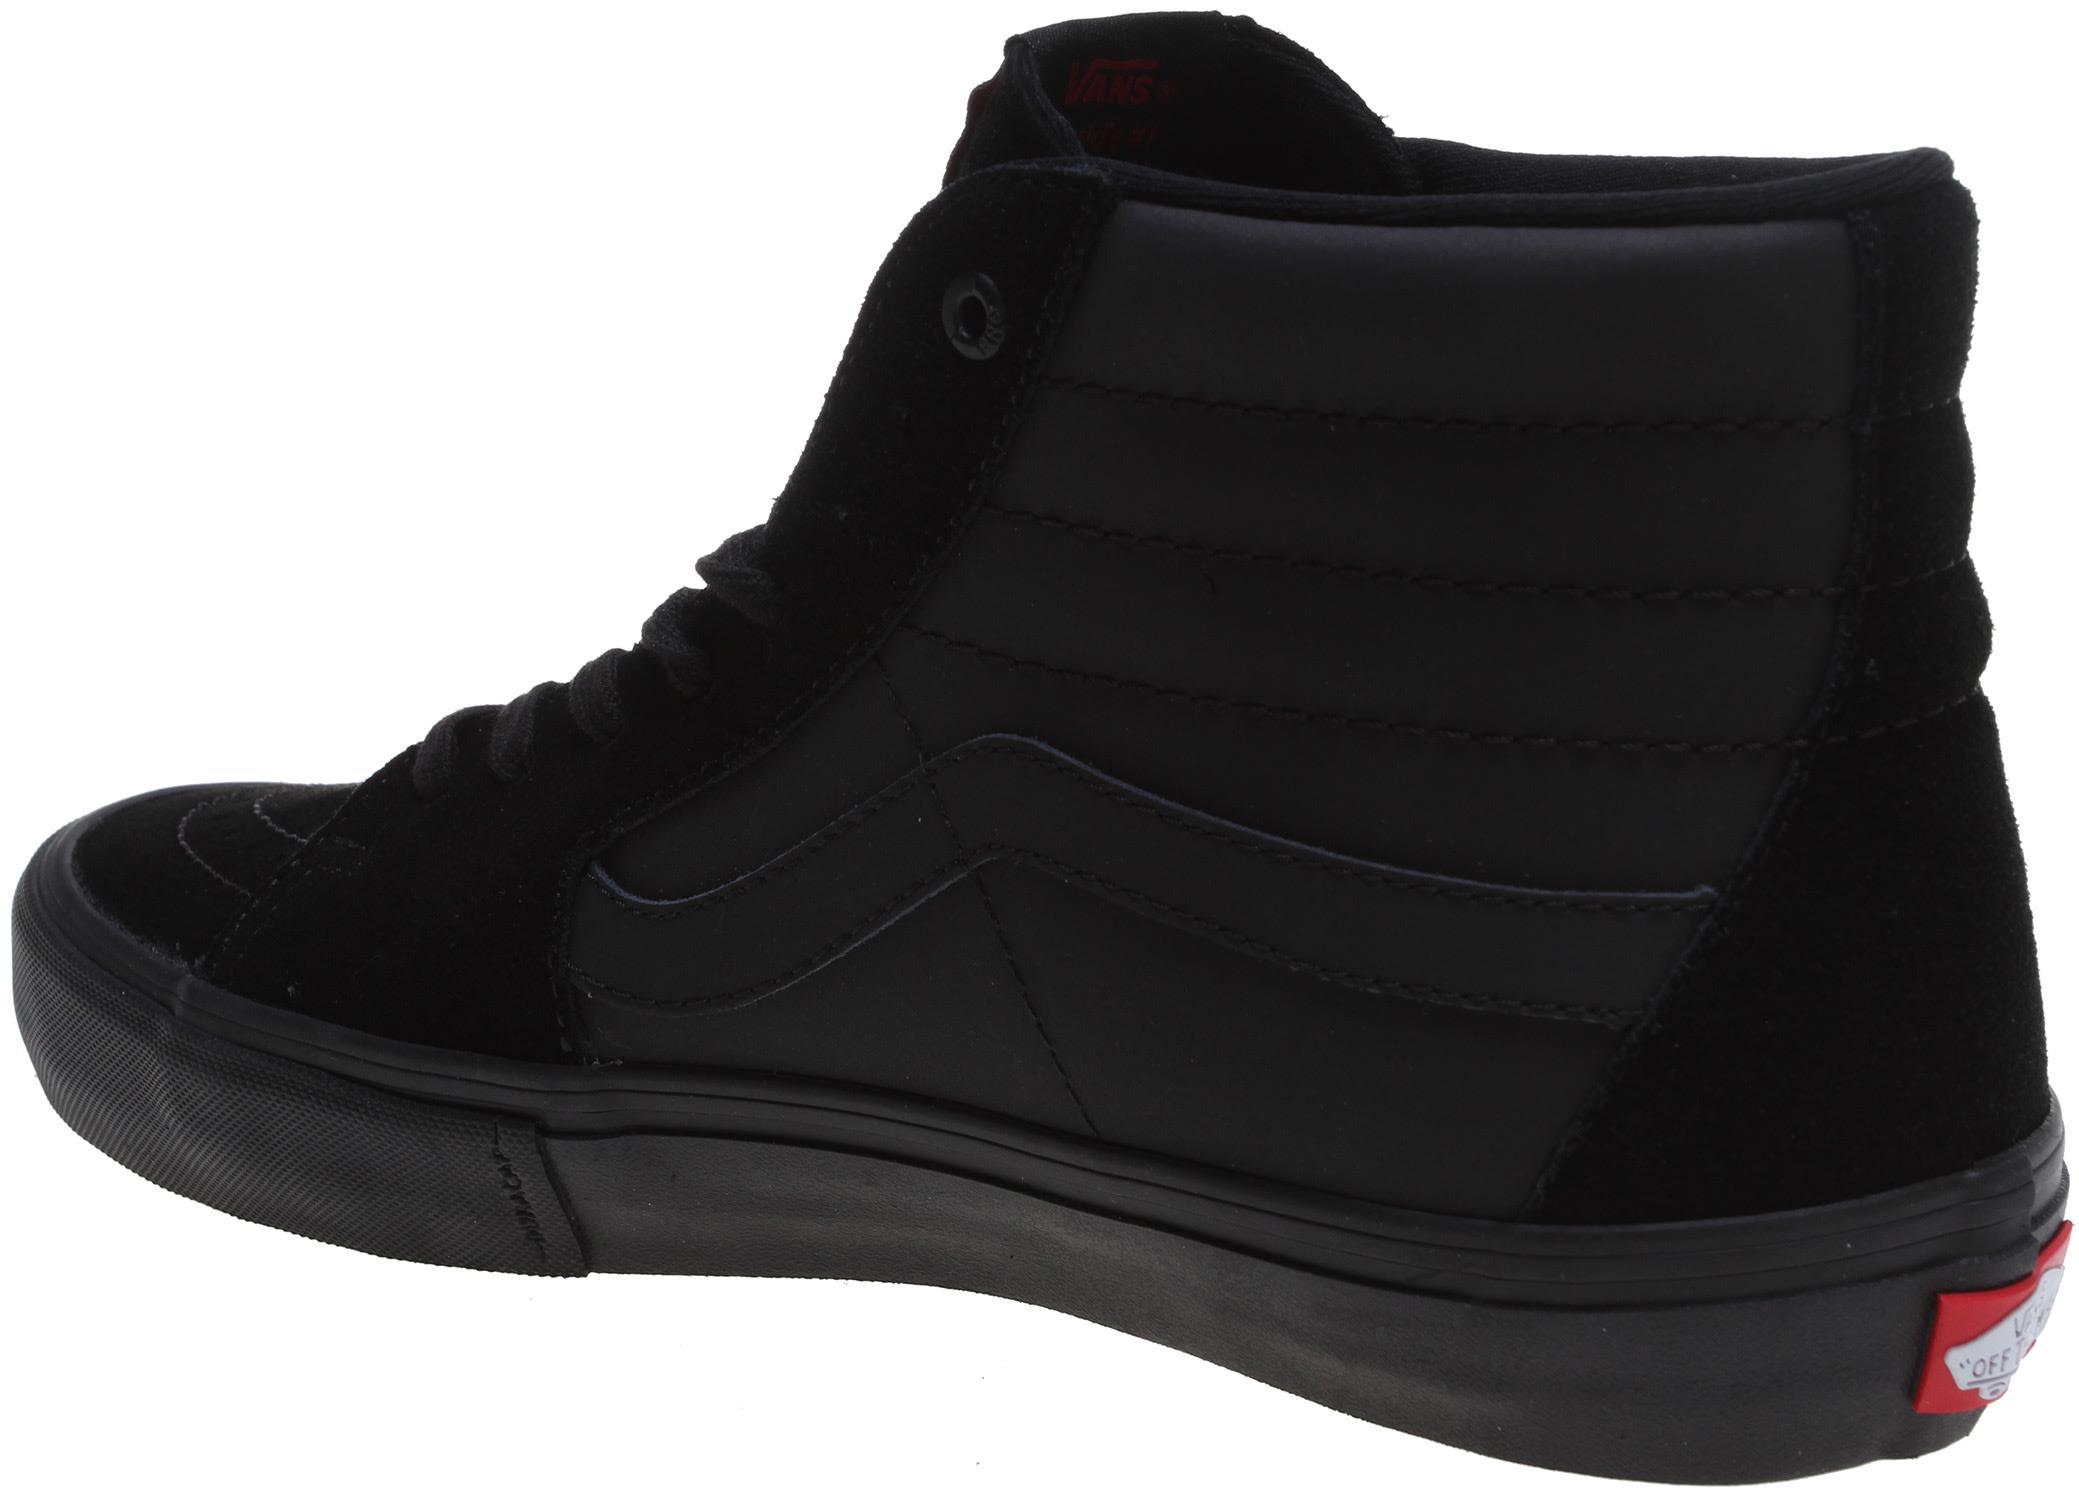 On Sale Vans Sk8-Hi Pro Skate Shoes up to 50% off